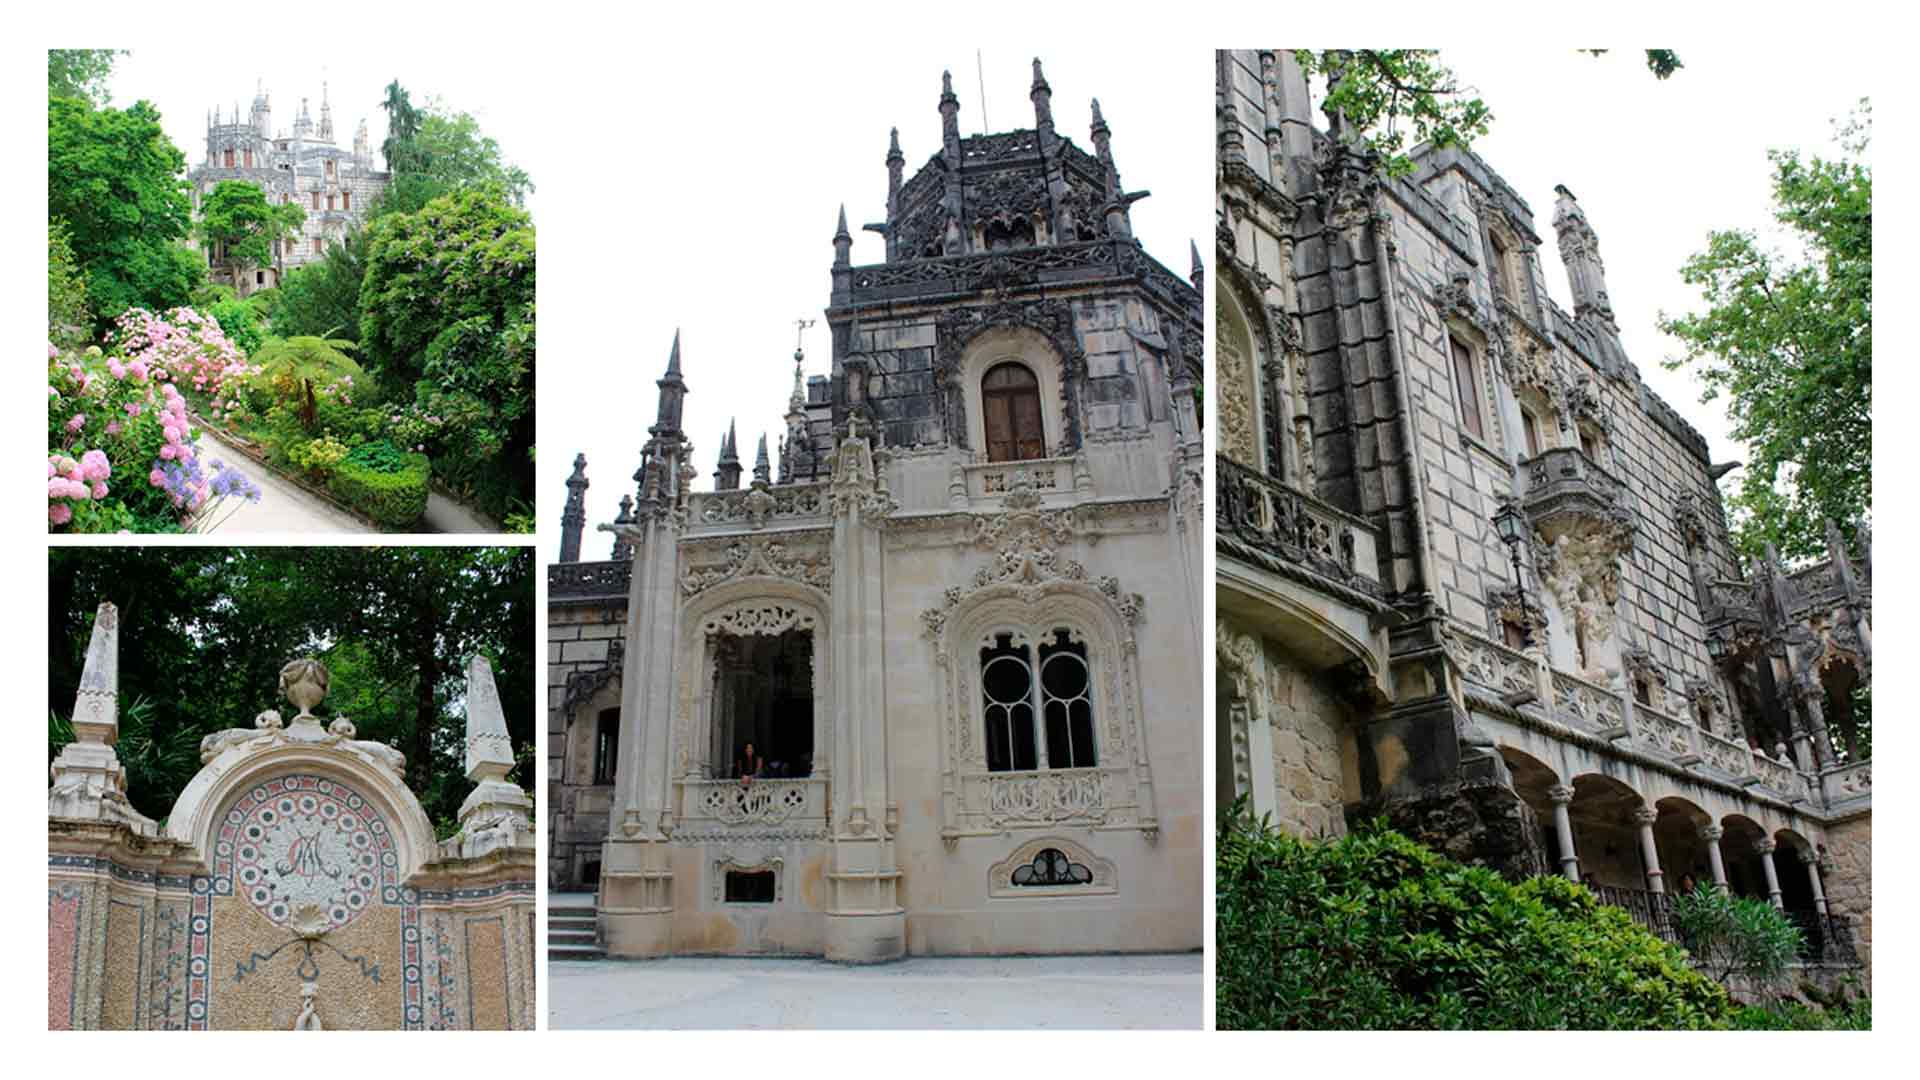 Mais detalhes dos edifícios da Quinta da Regaleira